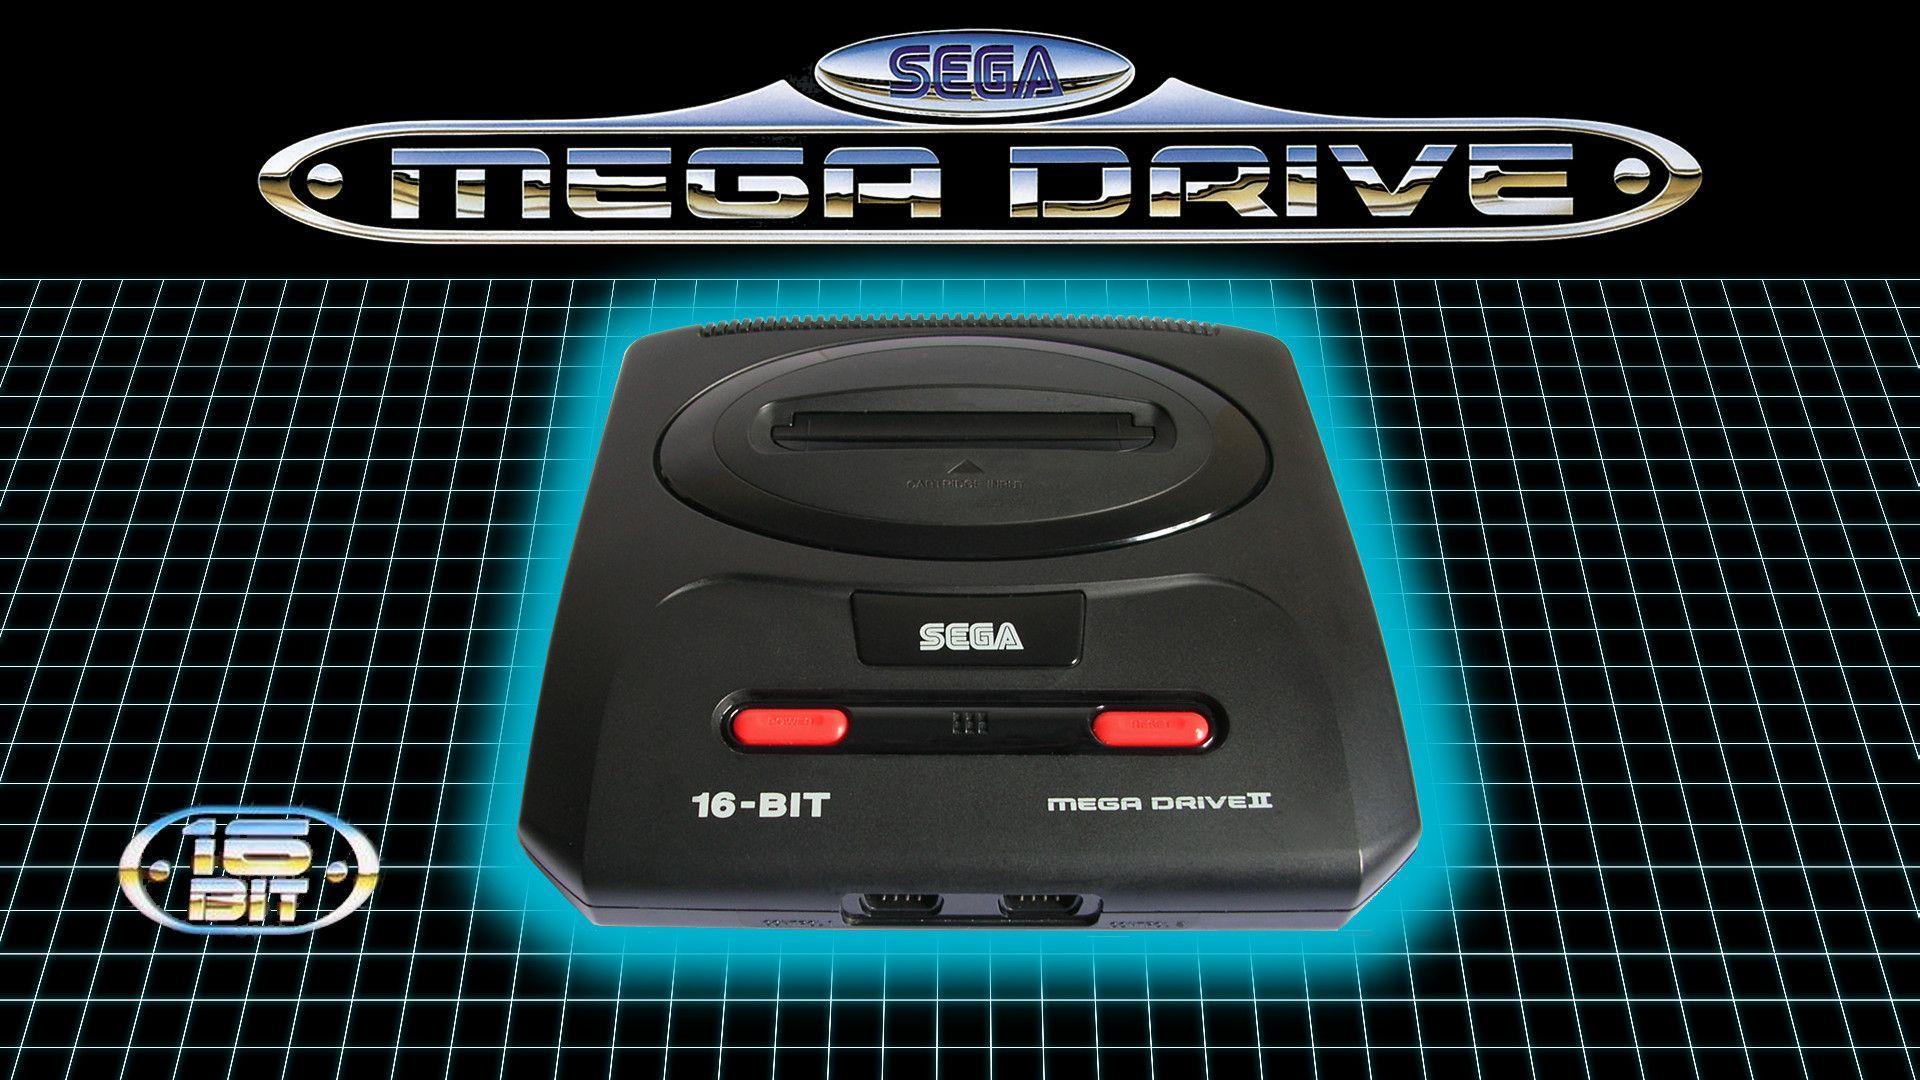 Sega Mega Drive Wallpapers - Wallpaper Cave